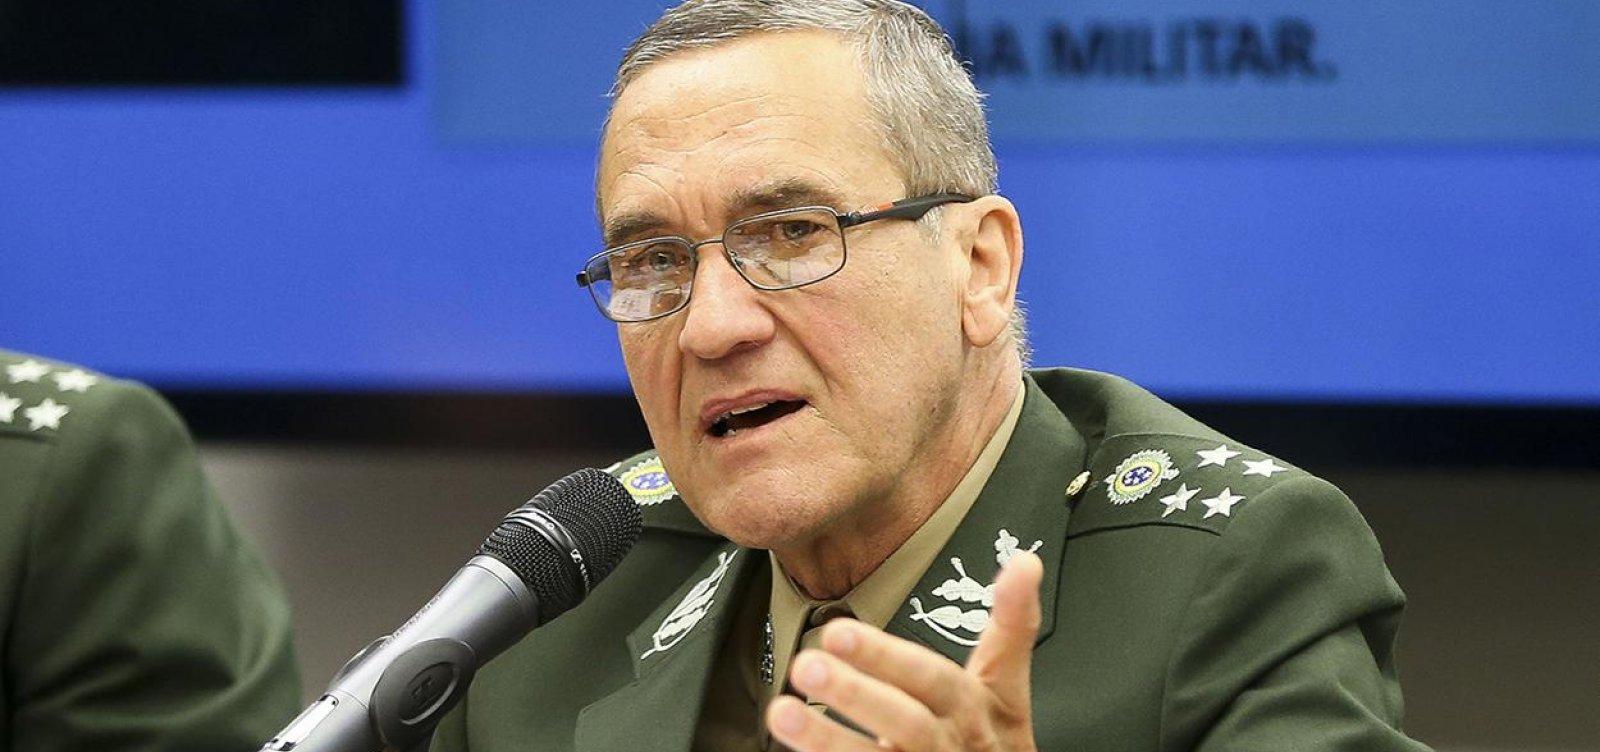 [Villas Bôas ironiza crítica de Fachin sobre pressão militar ao STF: 'Três anos depois' ]